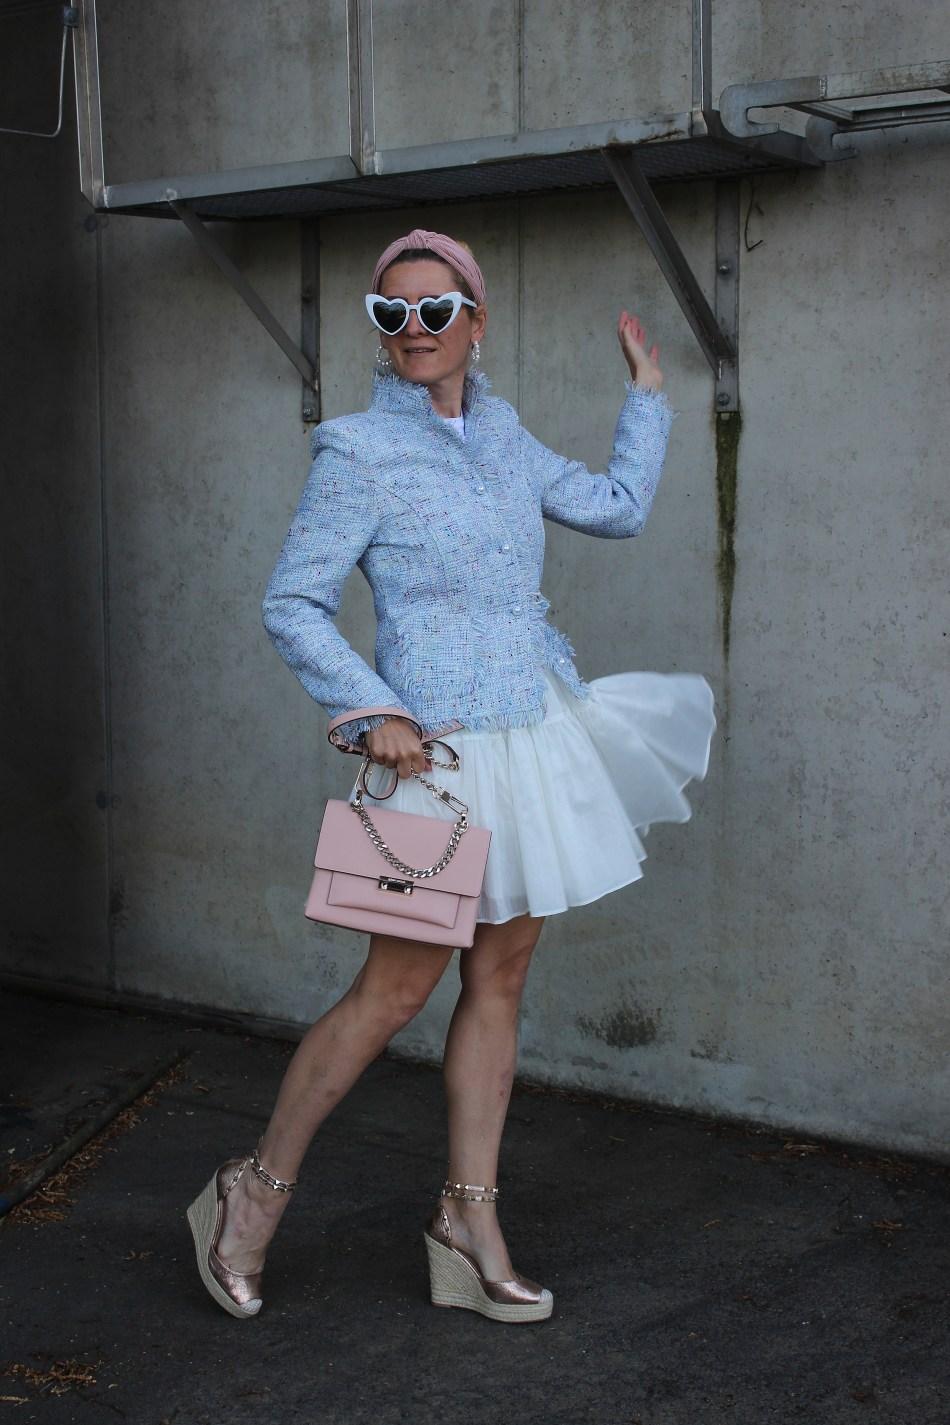 Tweedheart-Fashion-Tweed-Blazer-Hellblau-Sandalen-CCC Shoes and Bags-YSL-Sunglasses-Sommerlook-carrieslifestyle-Tamara-Prutsch